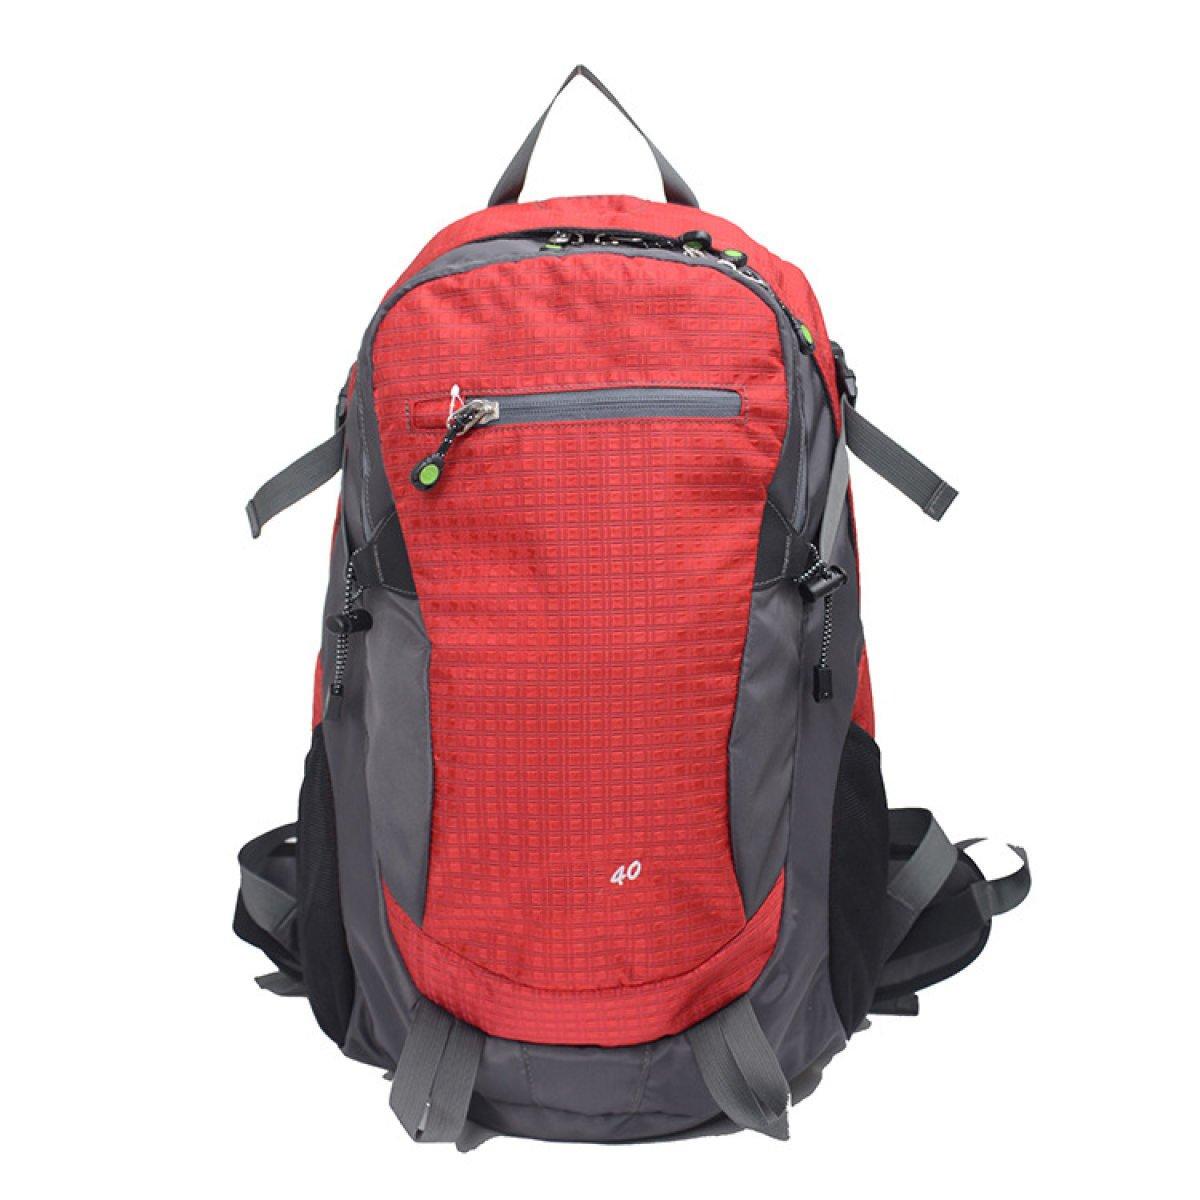 Sport-im Freienpaket-heller Gewicht-Verlust-Bergsteigen-Beutel-gehende Doppelte Schulter-Beutel,ROT